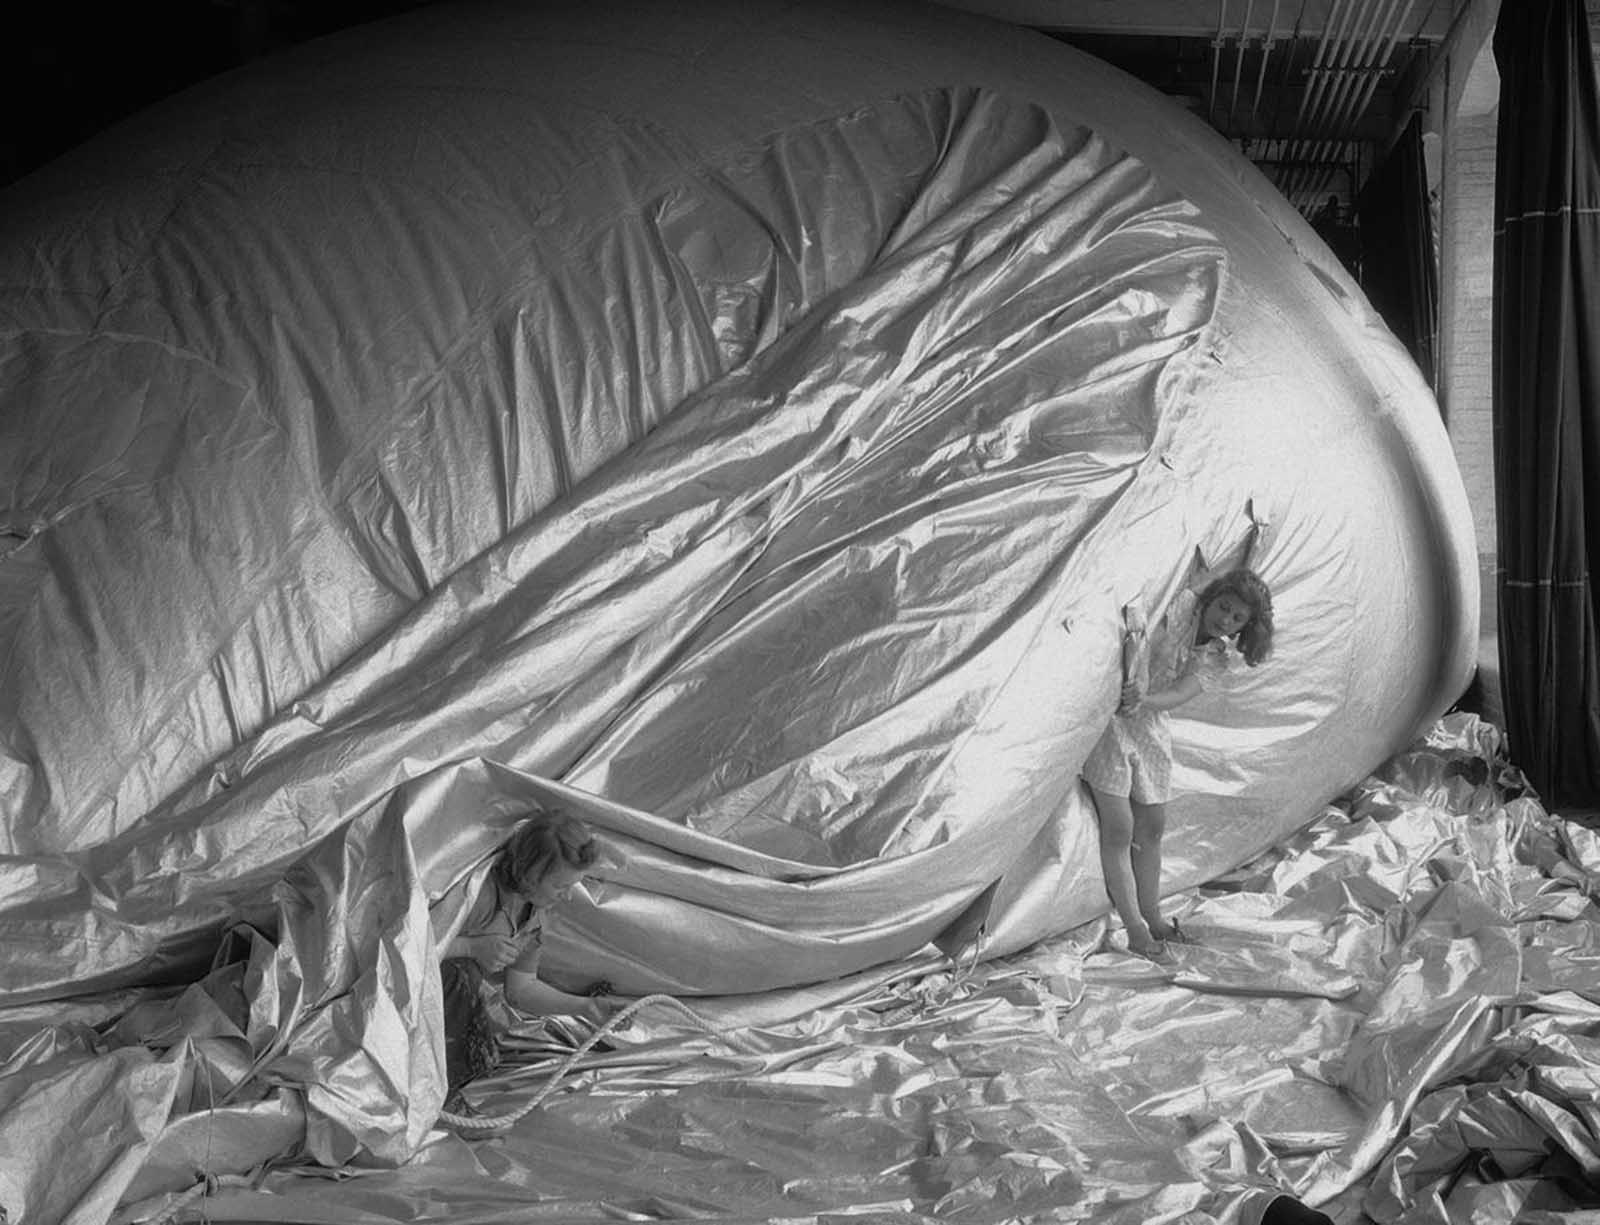 El 11 de mayo de 1943, las trabajadoras inspeccionan un globo de presa parcialmente inflado en New Bedford, Massachusetts. Cada parte del globo debe ser sellada por el trabajador que realiza el trabajo en particular, también por el inspector de trabajo de la división y, finalmente, por el